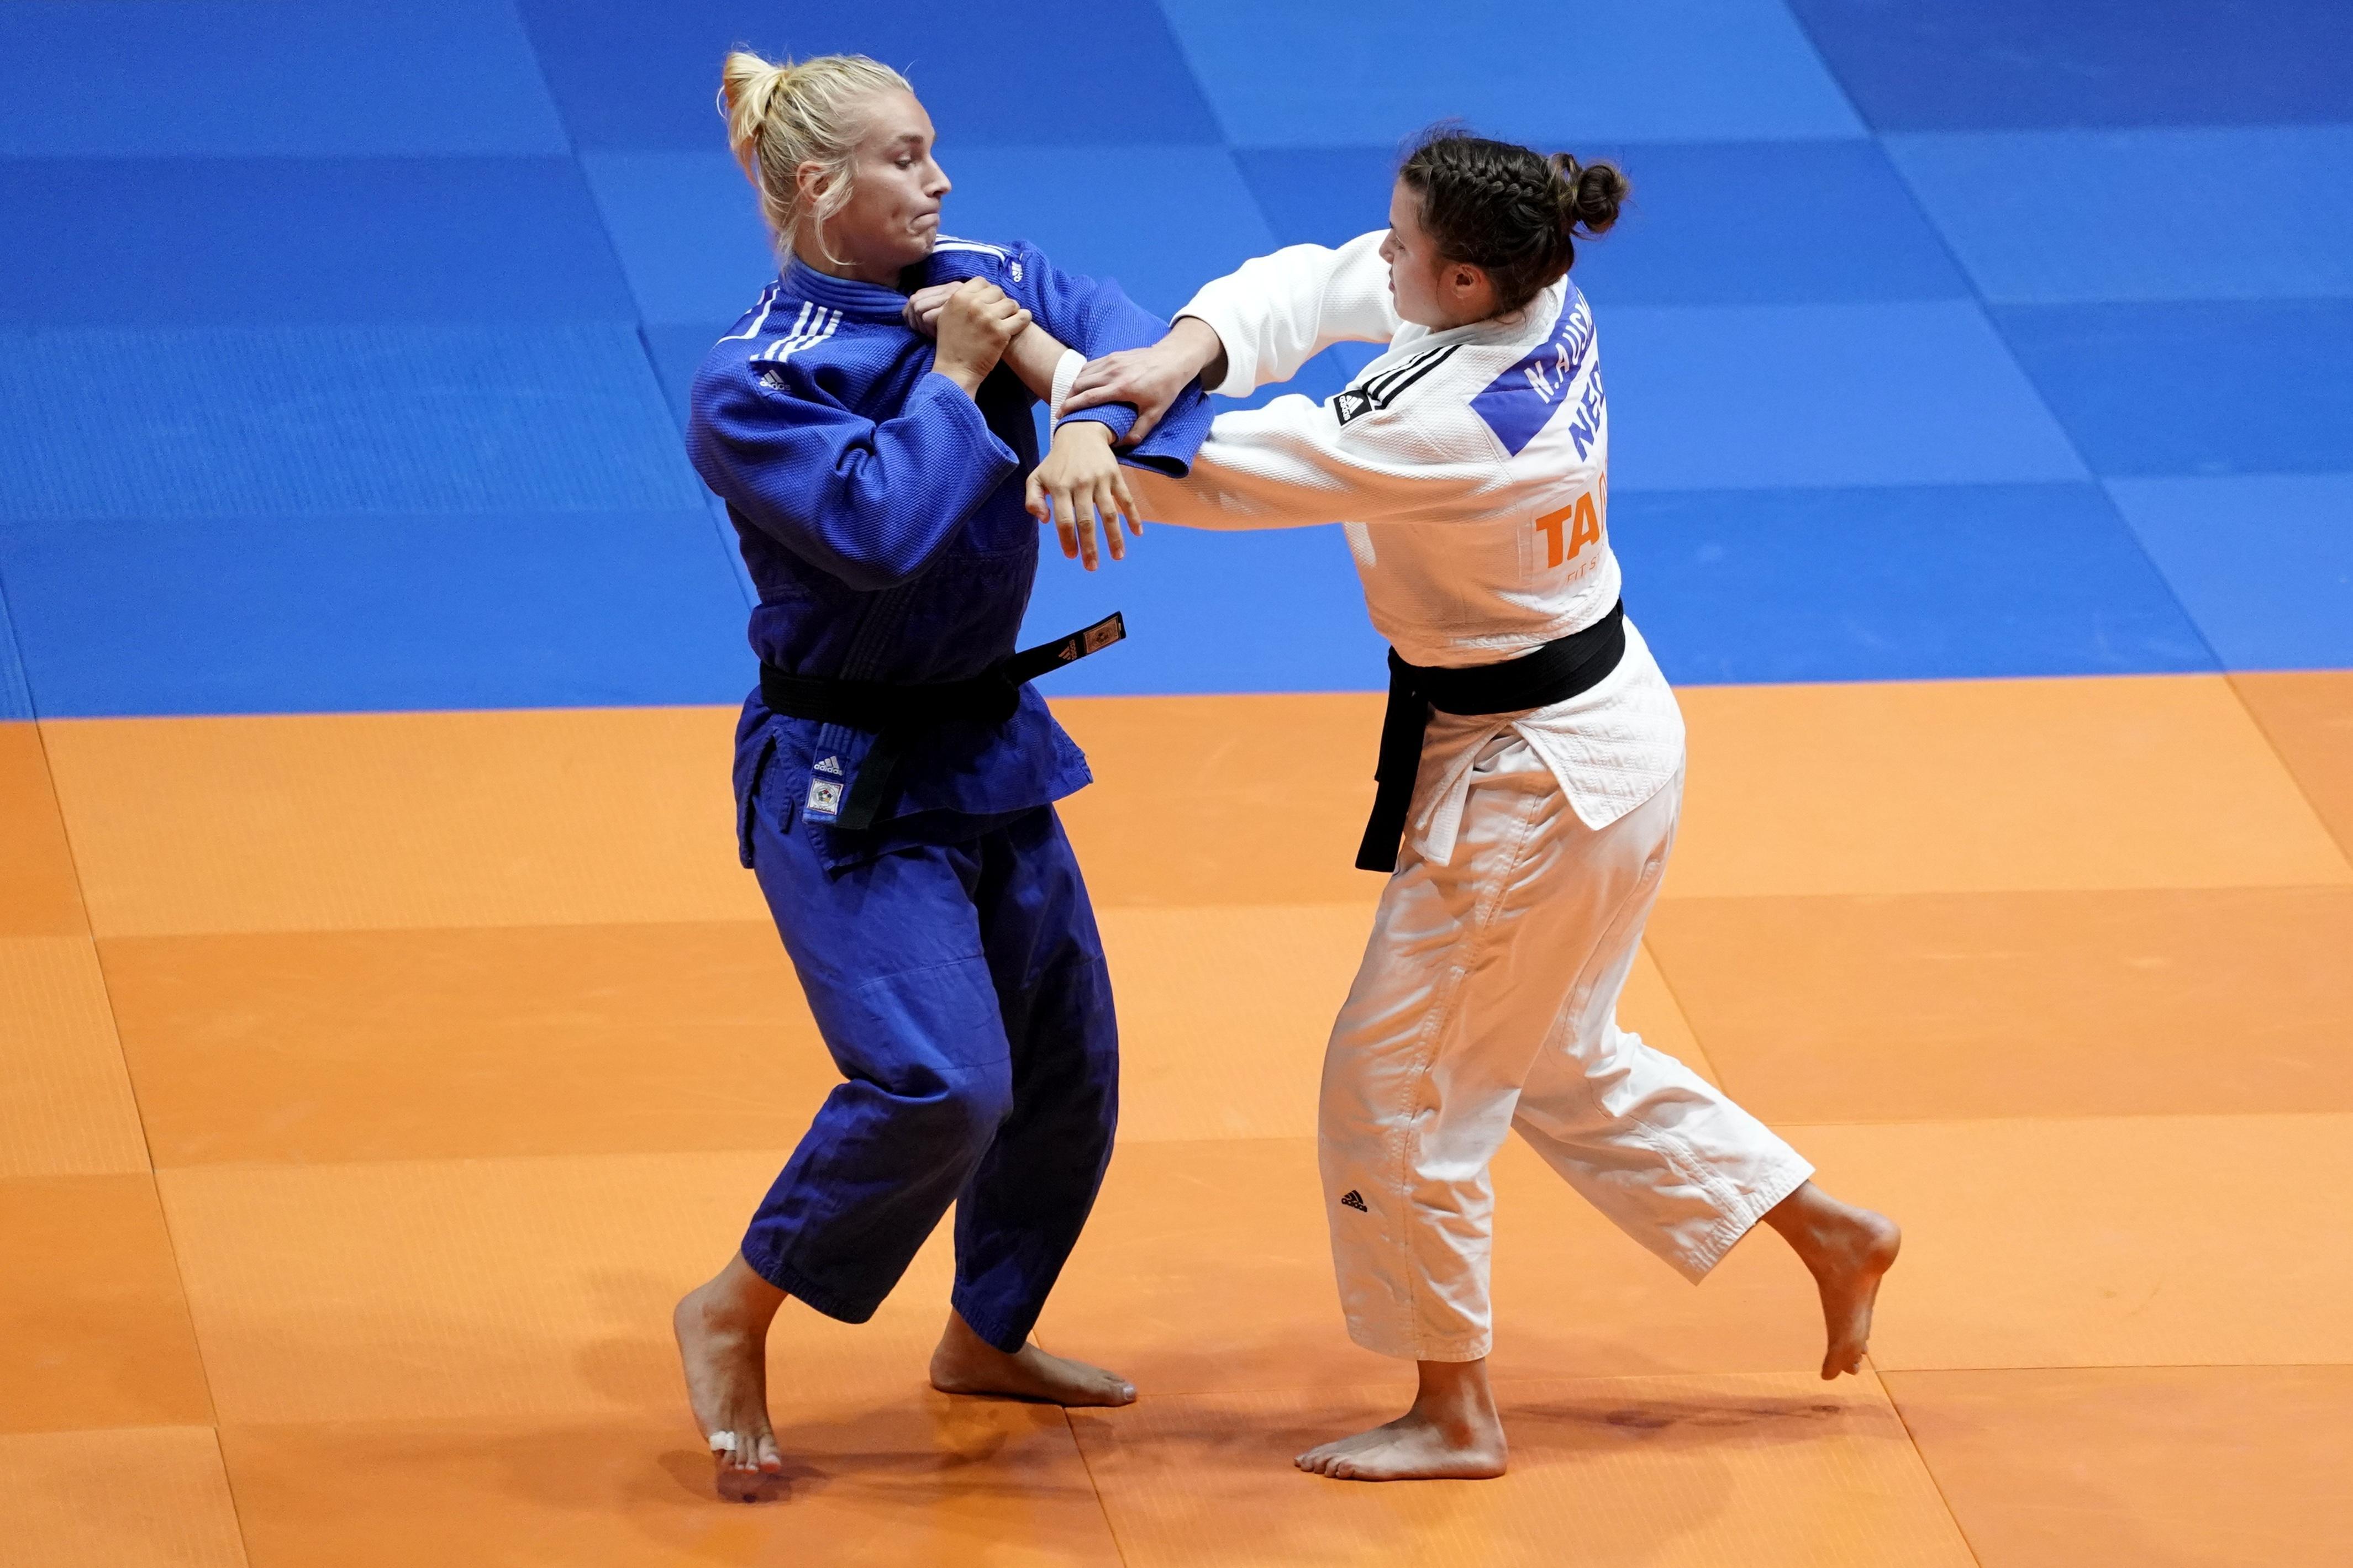 Judoka Karen Stevenson is een topper zonder toernooien. De 27-jarige Heiloose heeft haar Olympische droom echter nog niet opgegeven